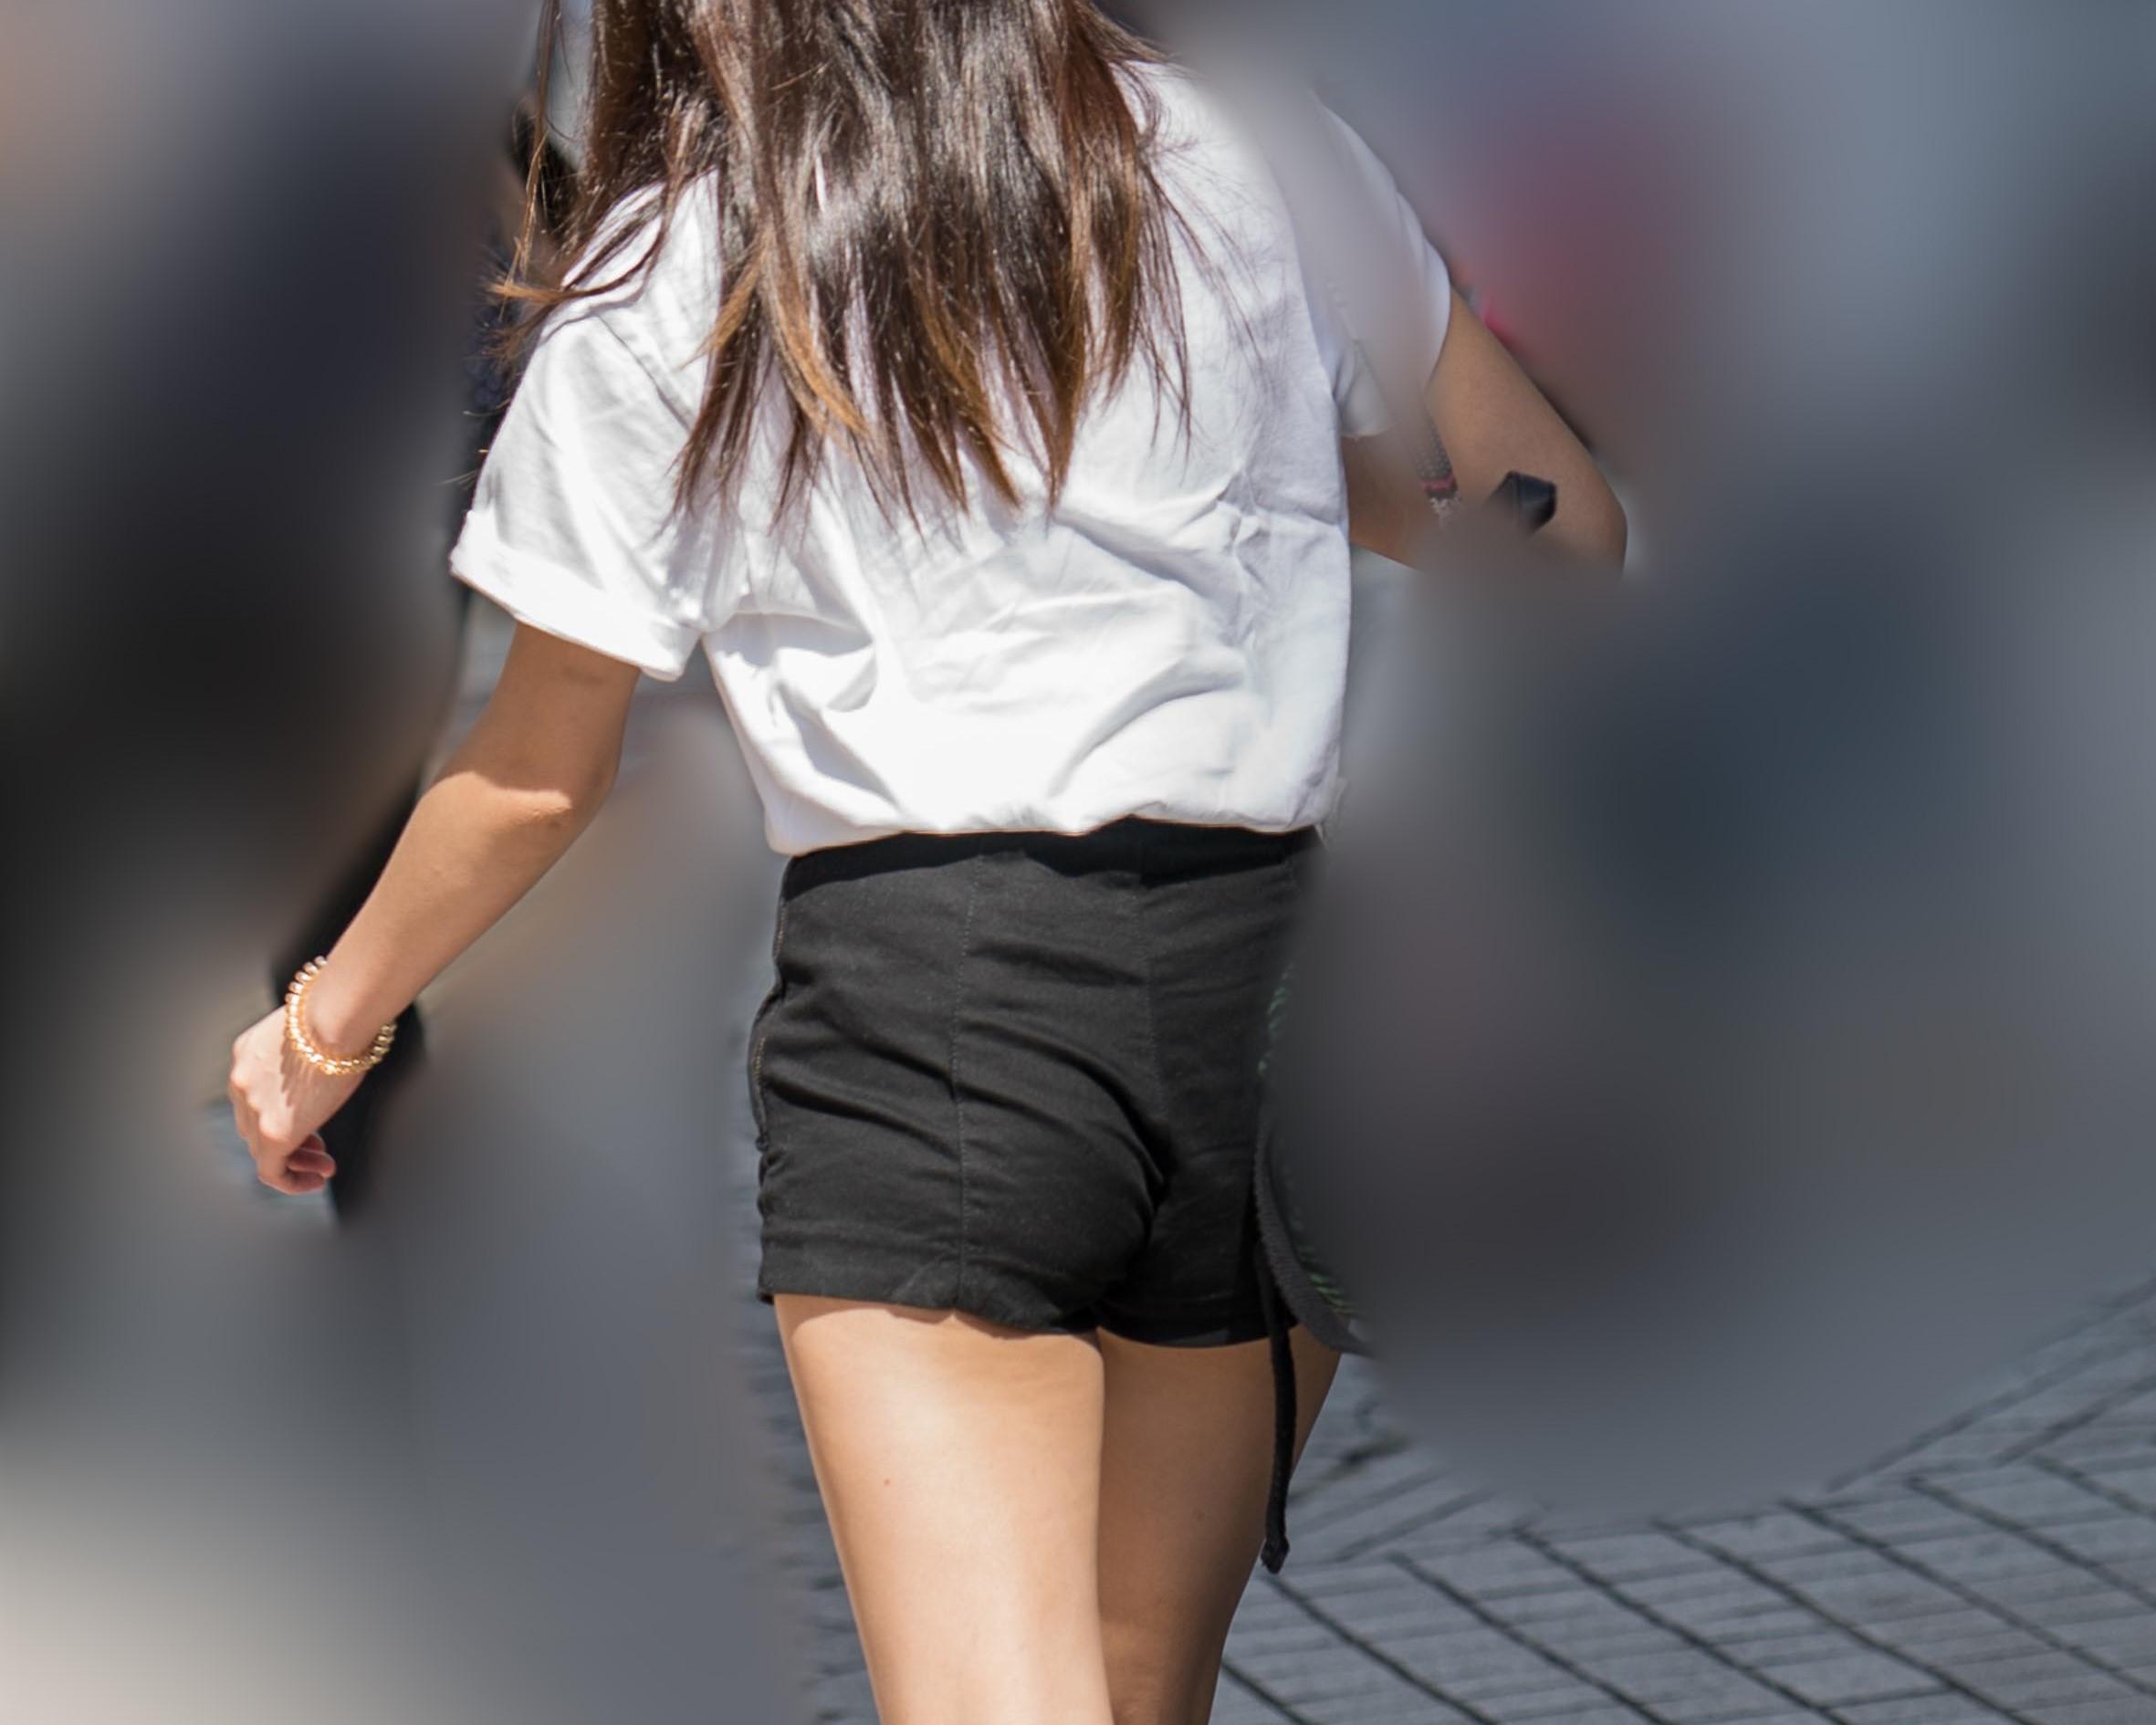 はみケツが嬉しい!恥じらう黒のホットパンツのお嬢さん!